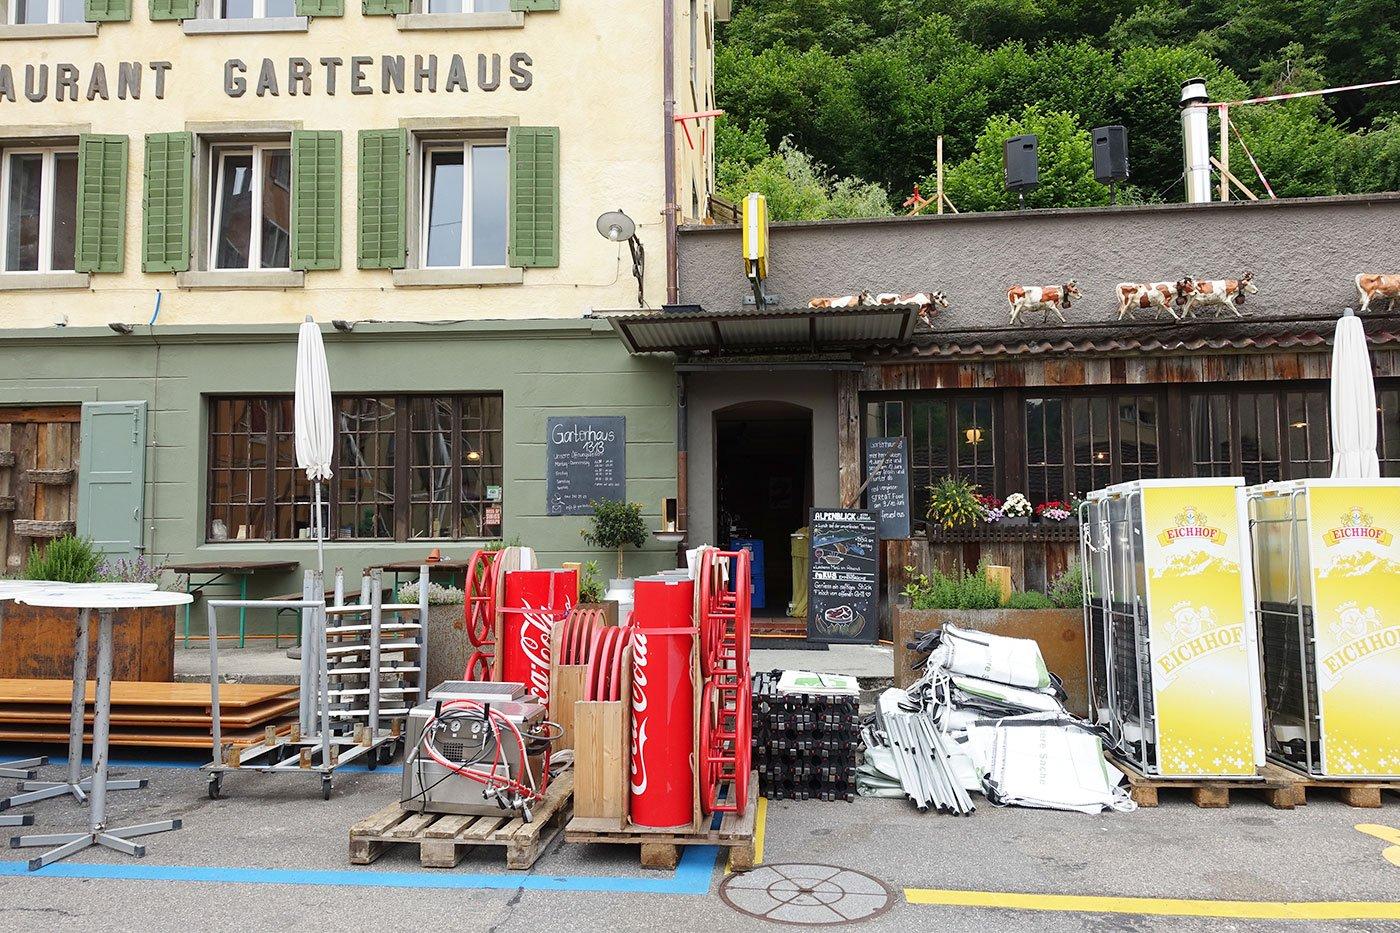 Das Restaurant Gartenhaus in der Lindenstrasse.